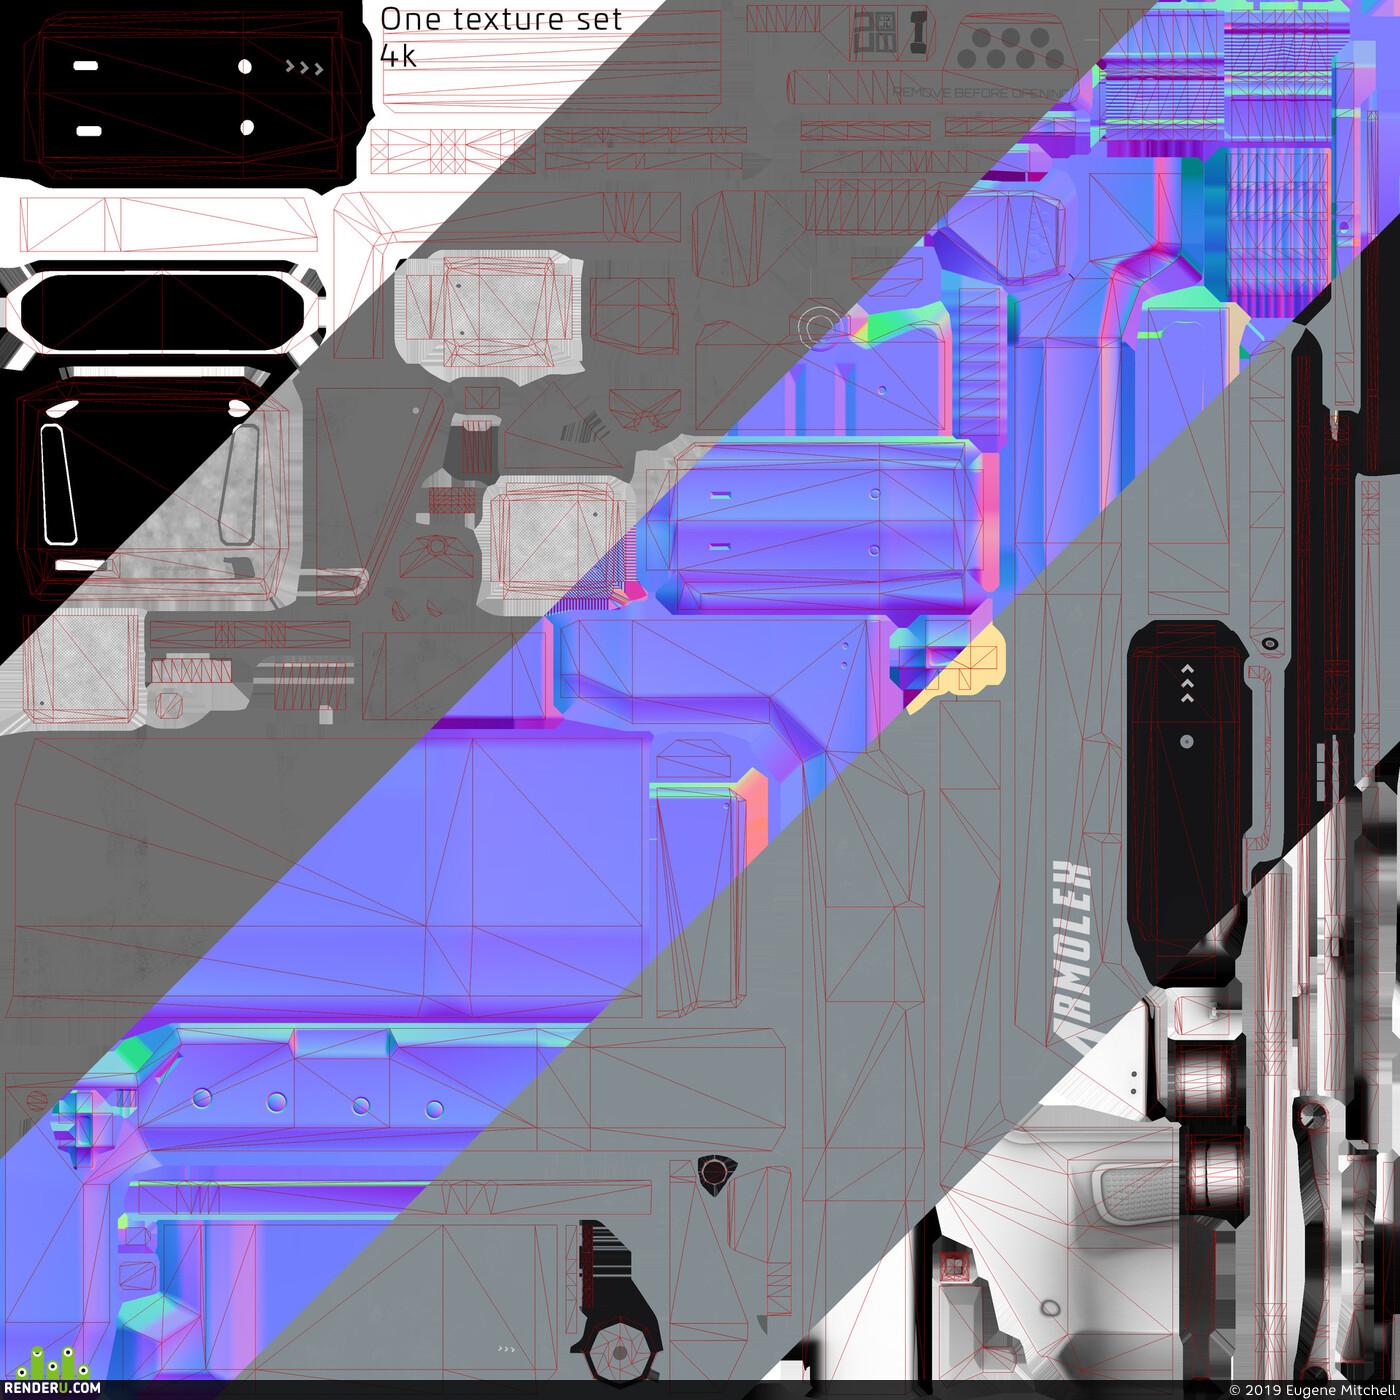 лоуполи, Ящик, SCI FI ящик, ассет, пропсы, assets, low poly, game asset